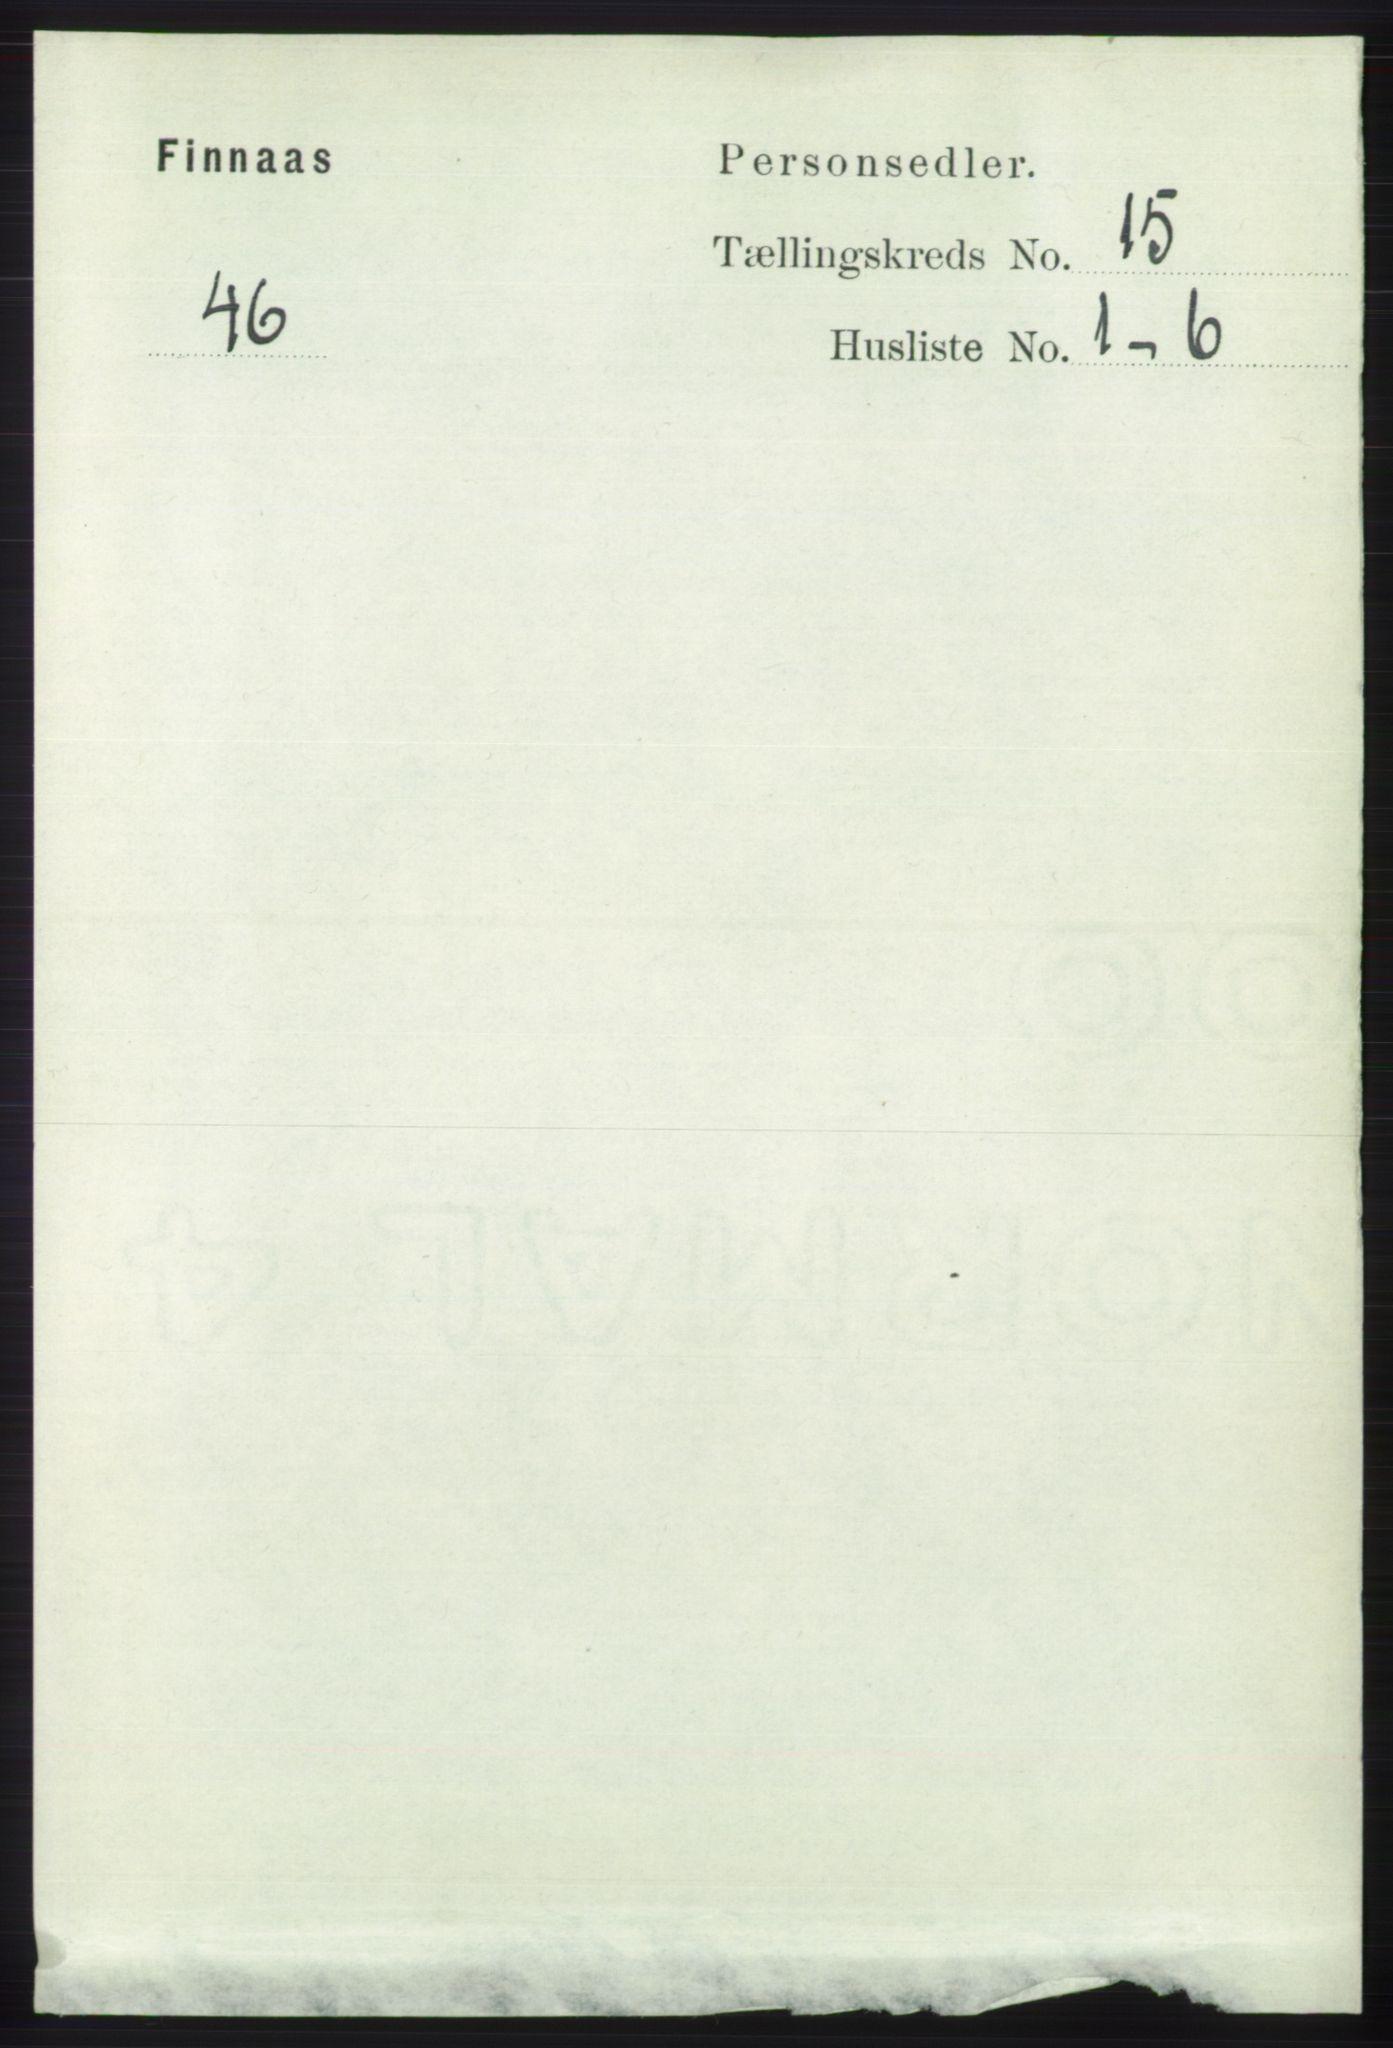 RA, Folketelling 1891 for 1218 Finnås herred, 1891, s. 5941